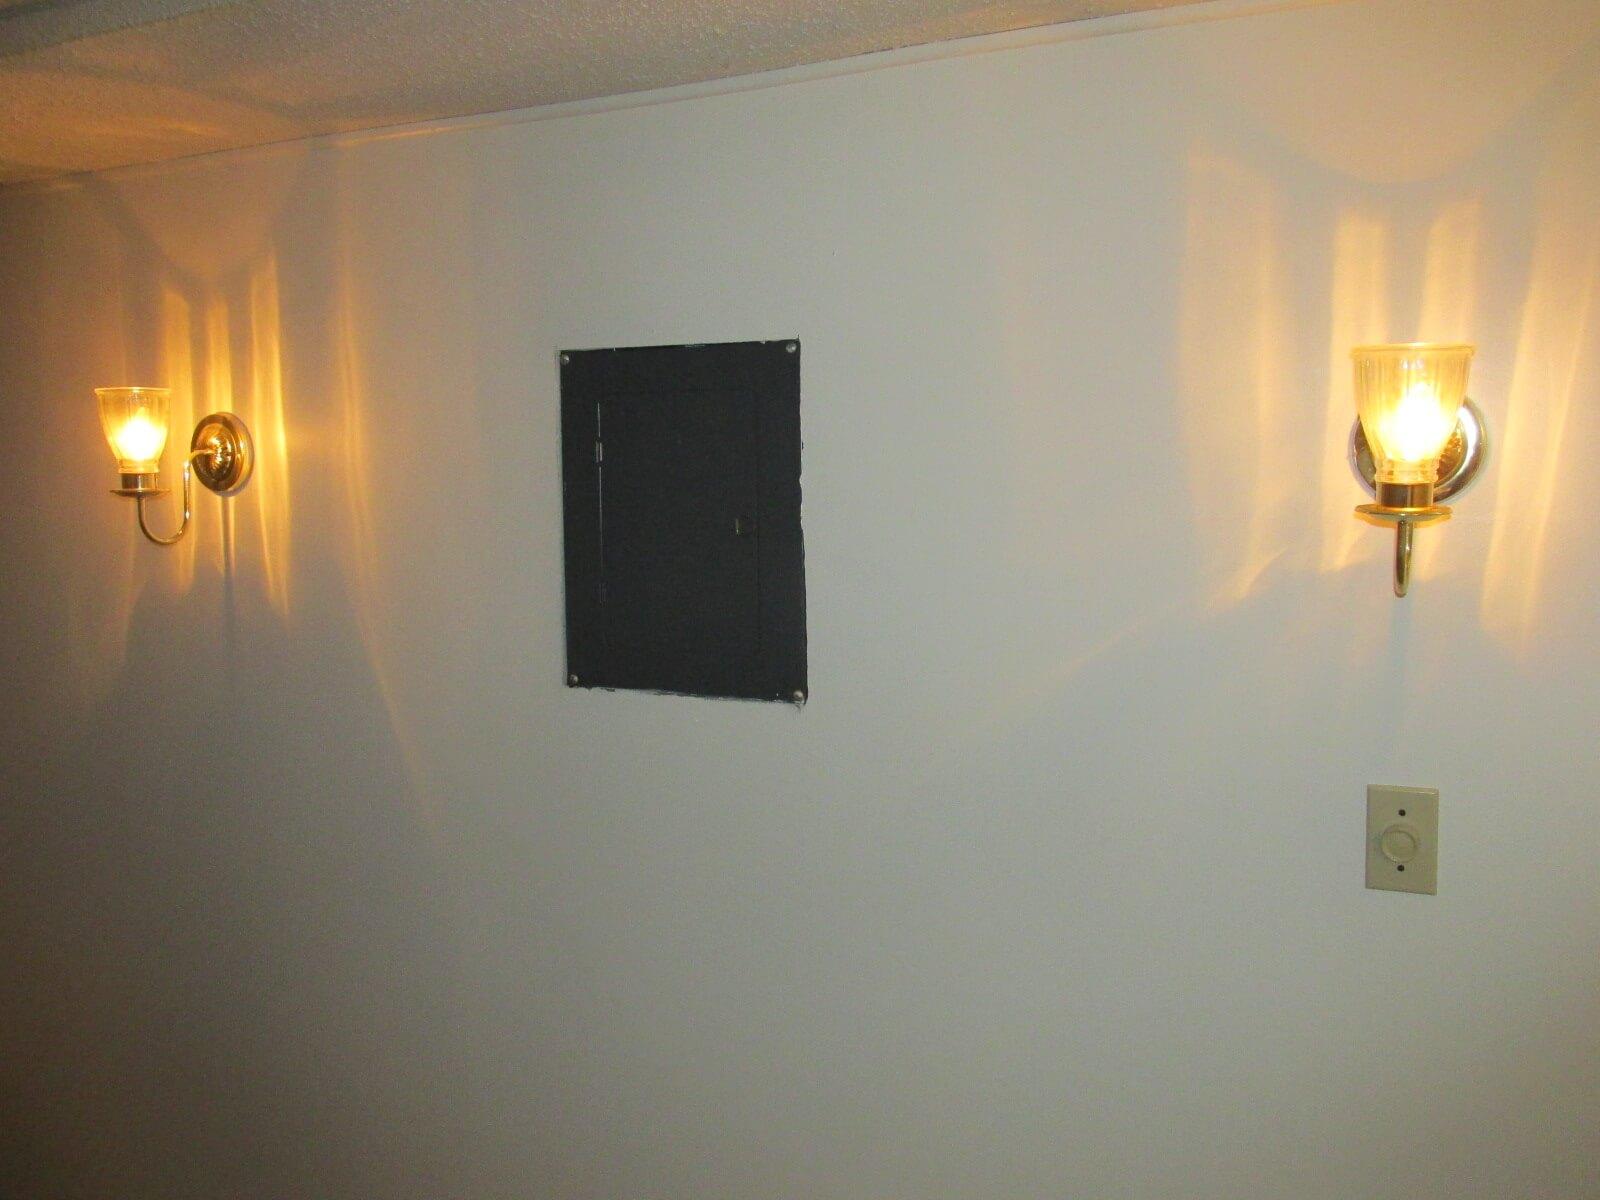 Home Inspection Photos